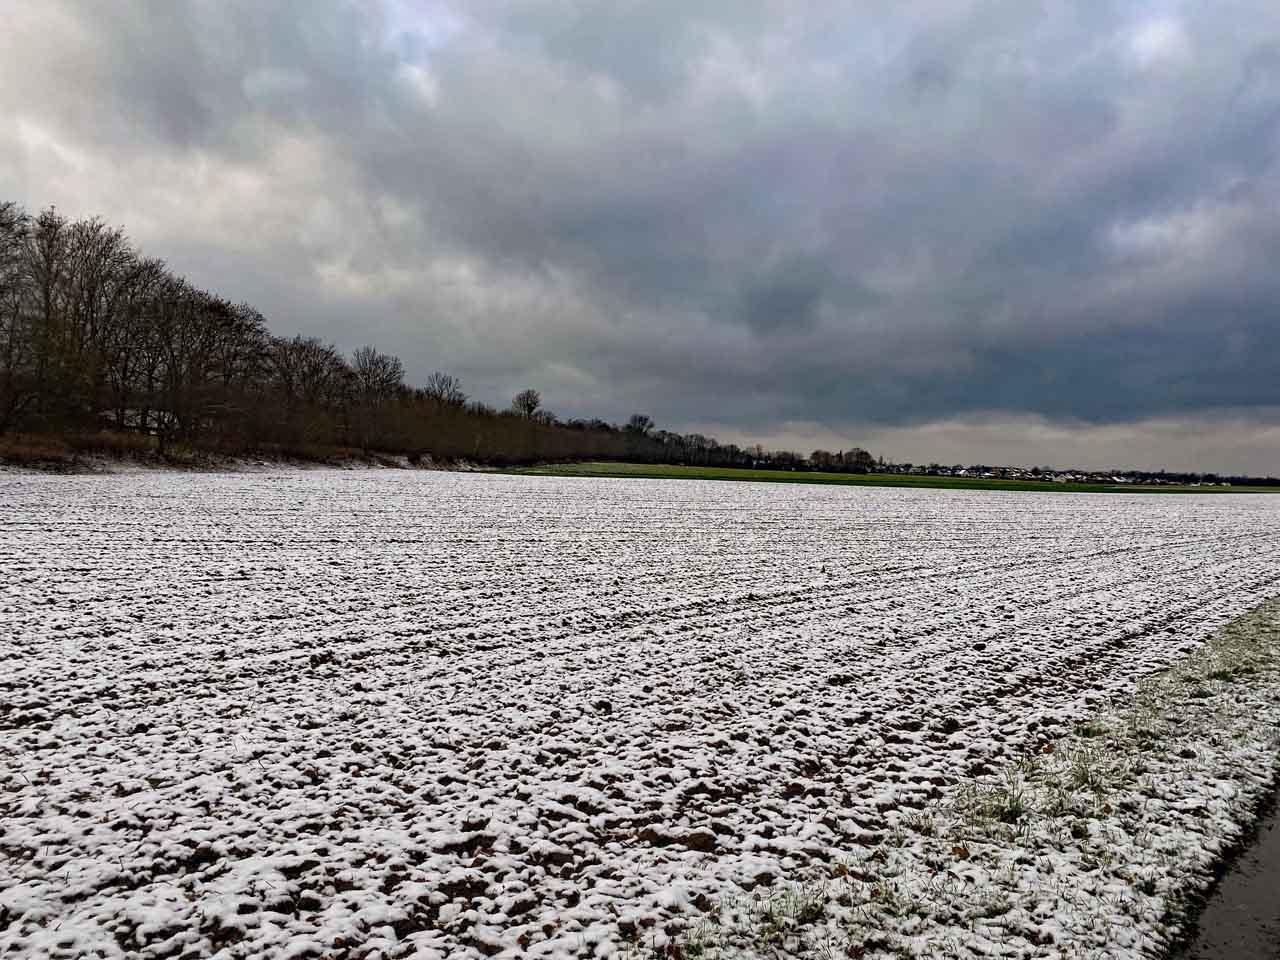 Himmelsblick im Winter